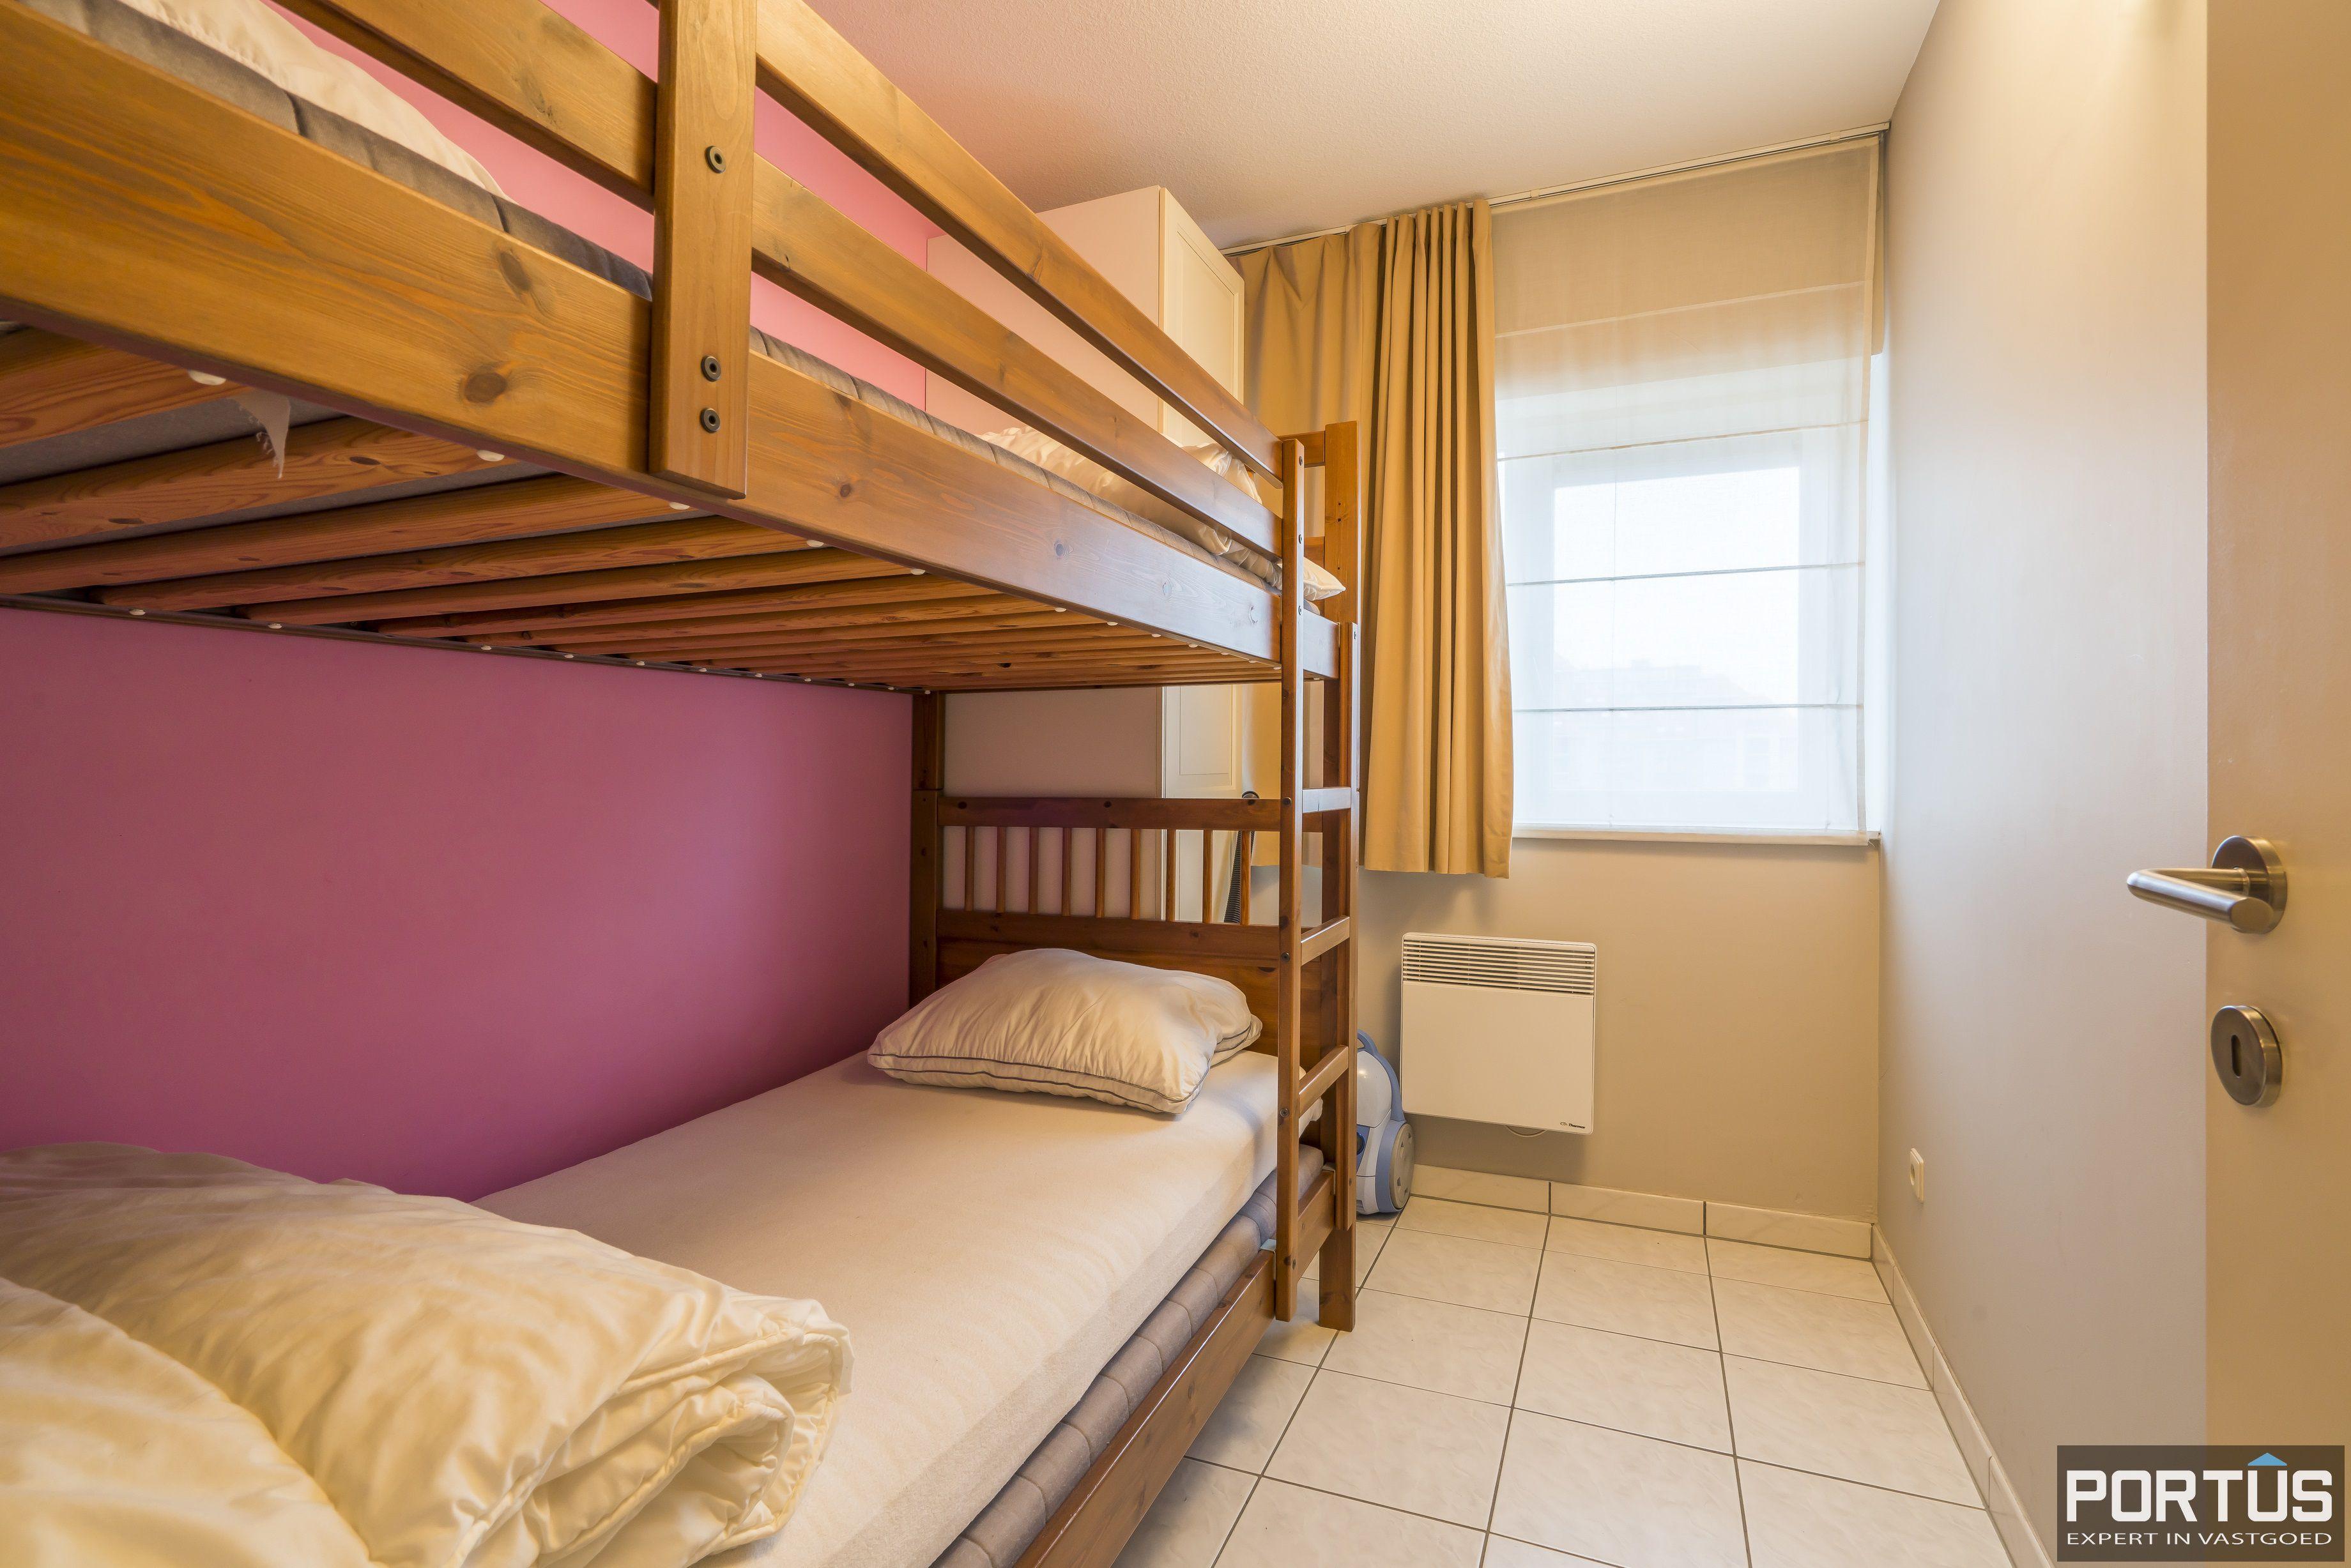 Instapklaar appartement met 2 slaapkamers te koop te Nieuwpoort - 12363